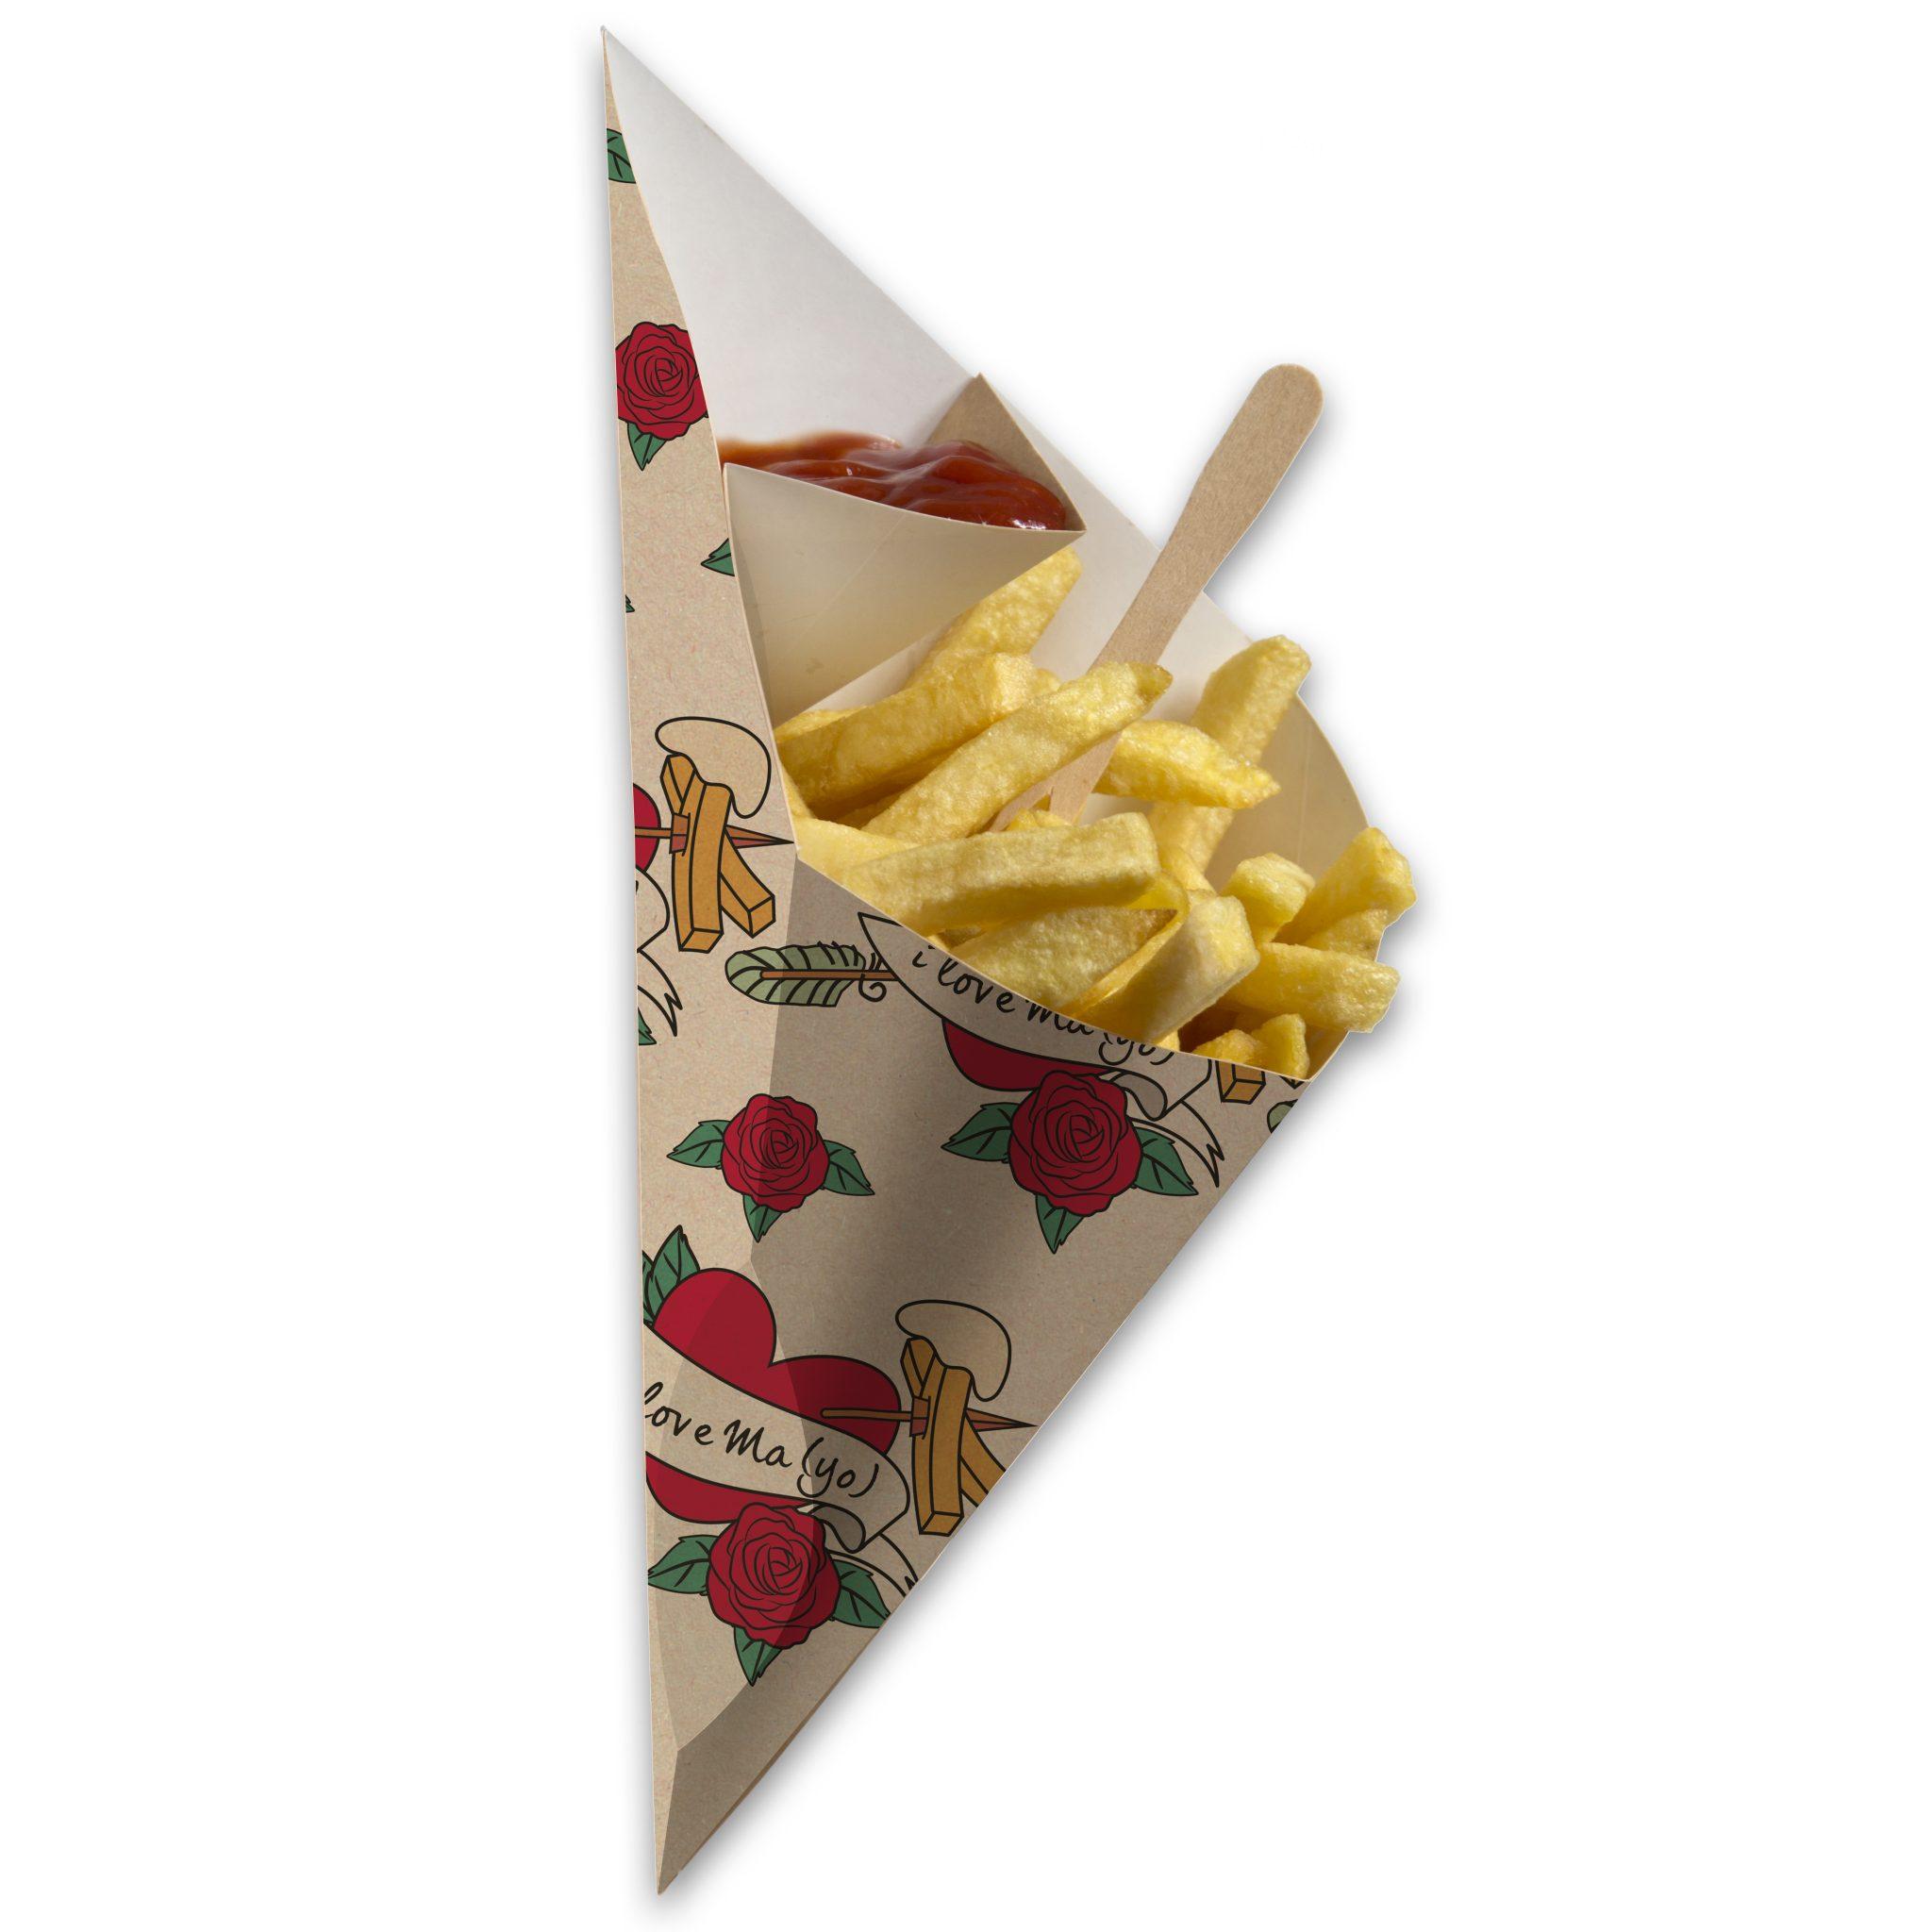 Chip 'n Dip Frietzak ILoveMa(yo)